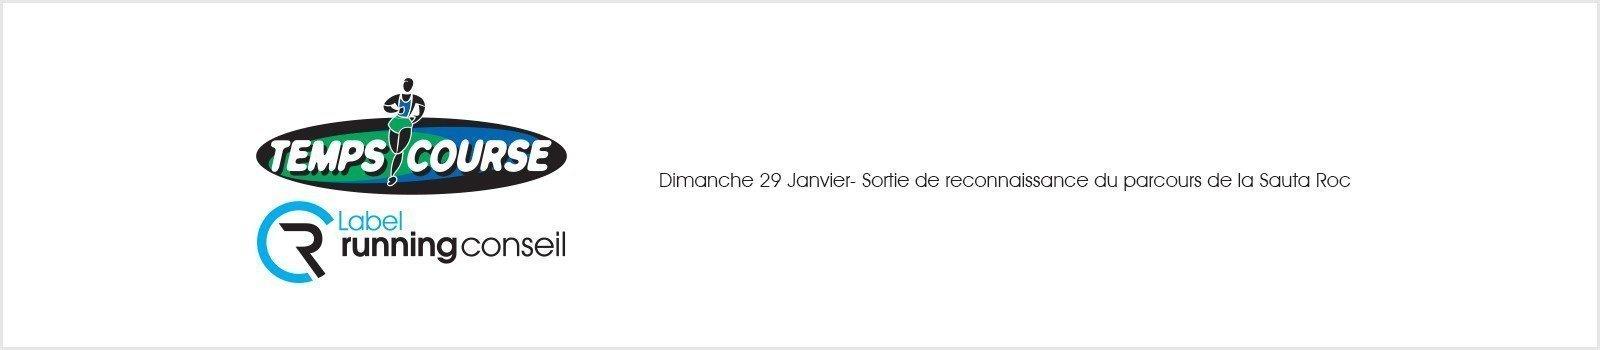 Dimanche 29 Janvier- Sortie de reconnaissance du parcours de la Sauta Roc